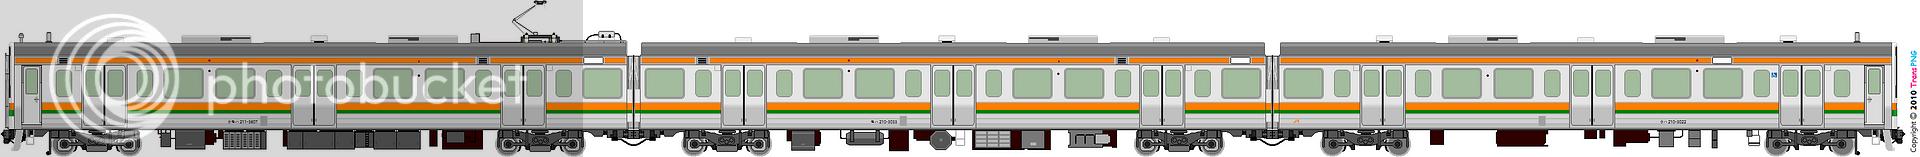 [5152] 東海旅客鐵道 2152